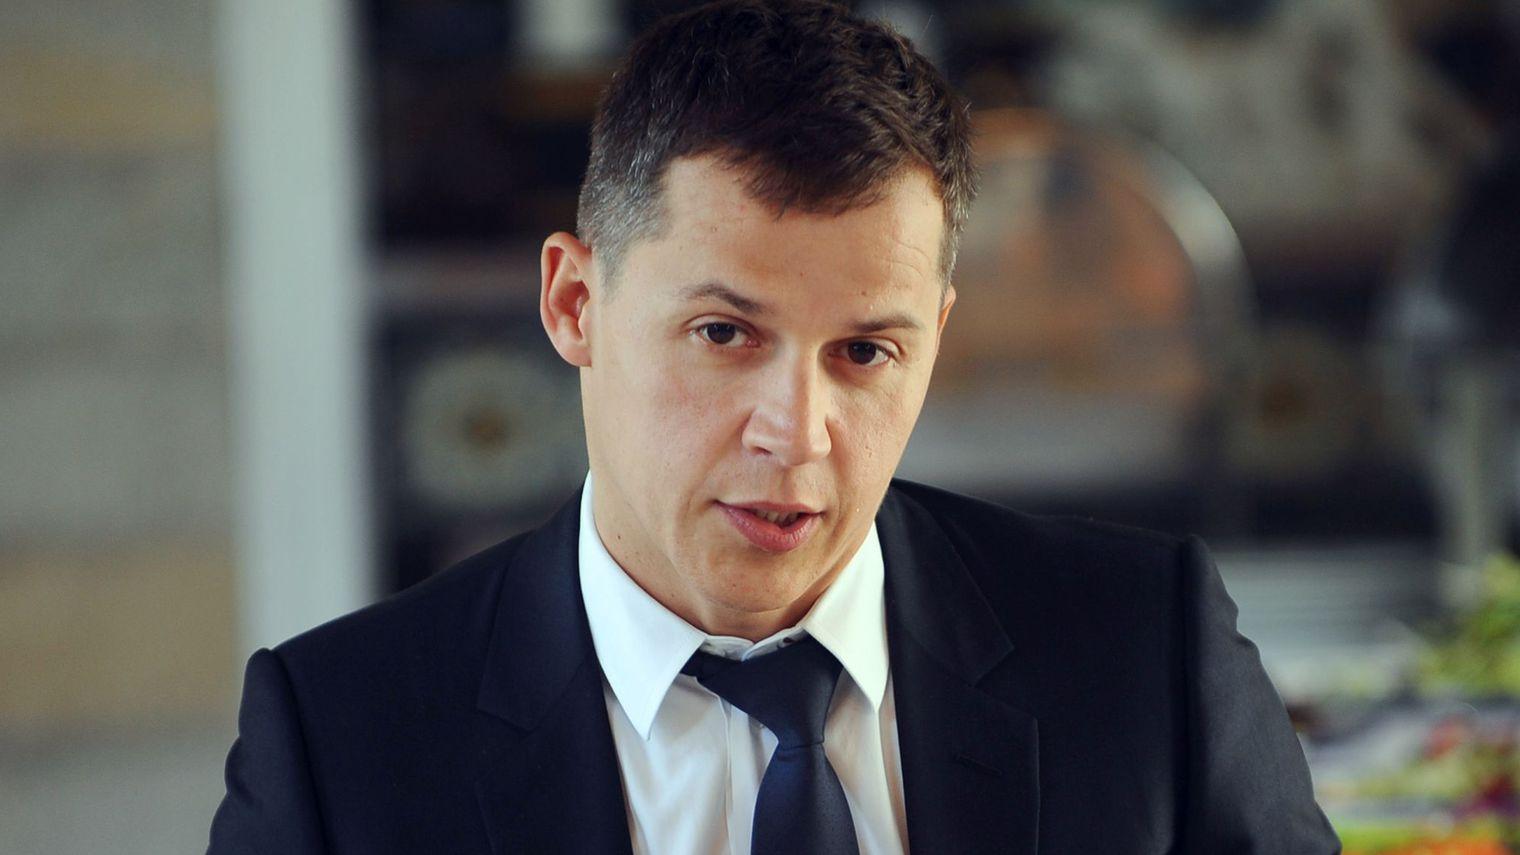 Le diplomate français Boris Boillon, le 17 février 2011 à Tunis. afp.com/FETHI BELAID